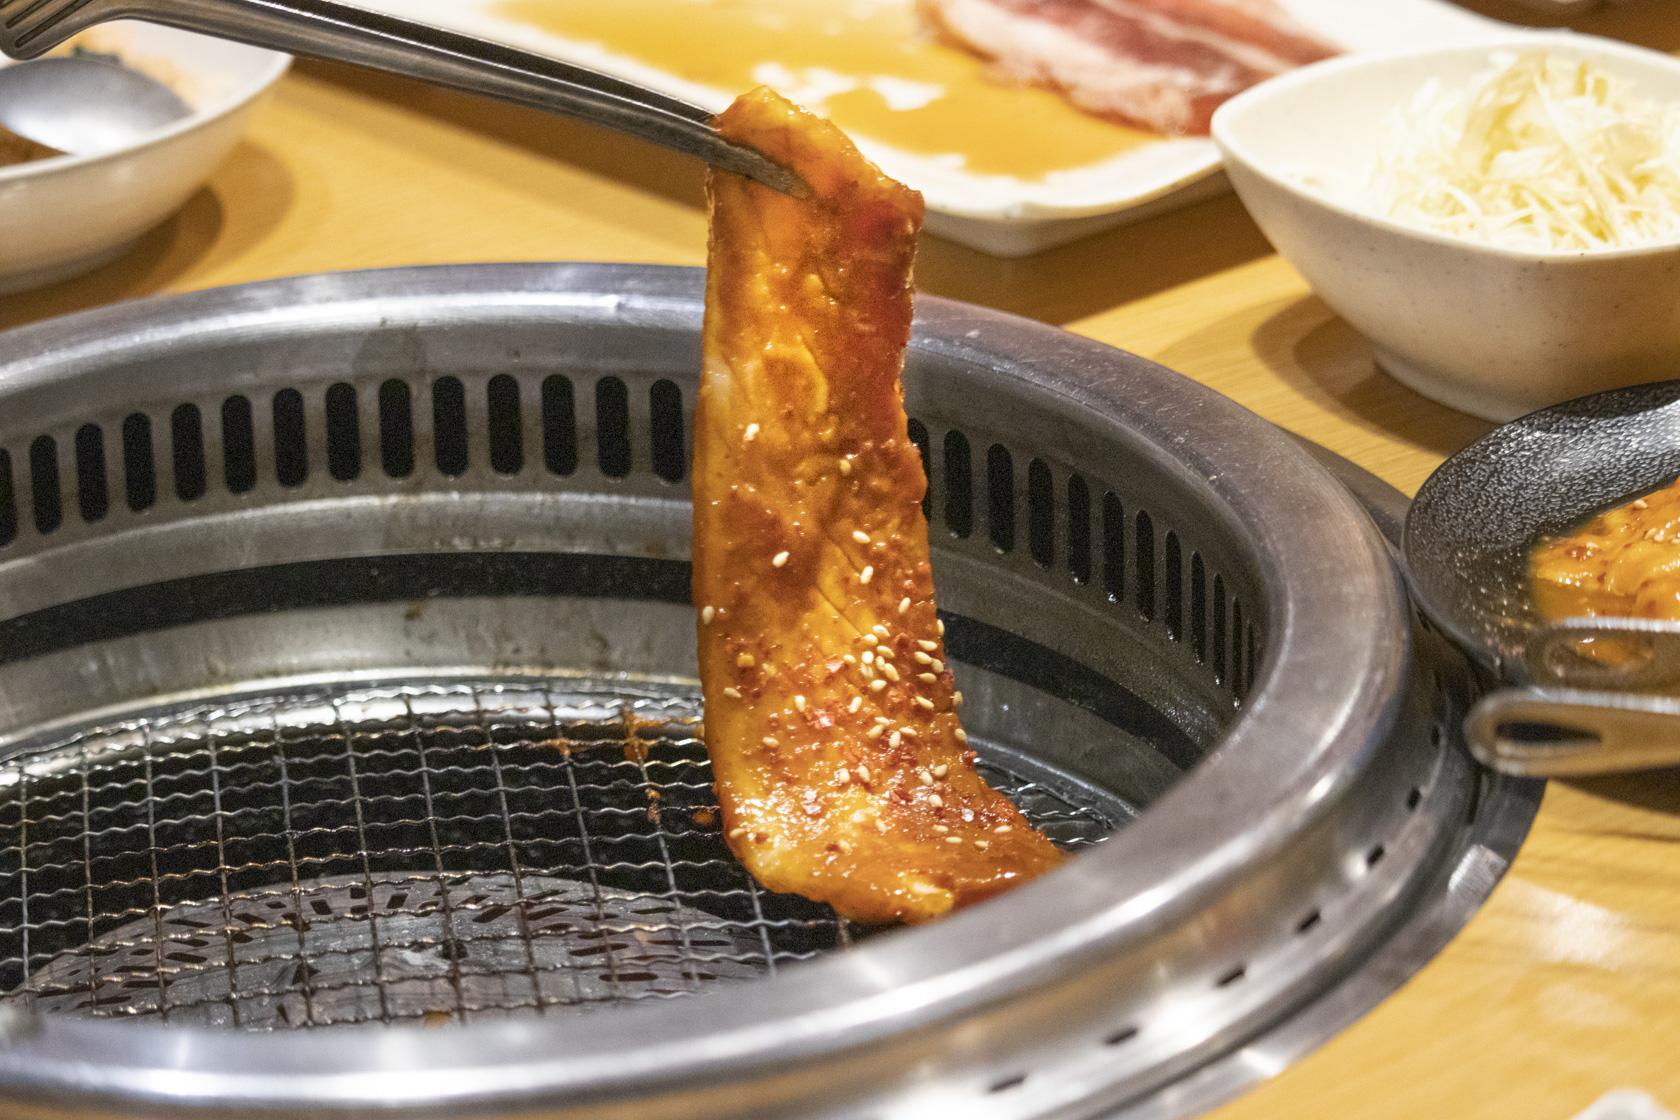 松阪名物 味噌だれ焼肉 厚切りドルチェポルコ